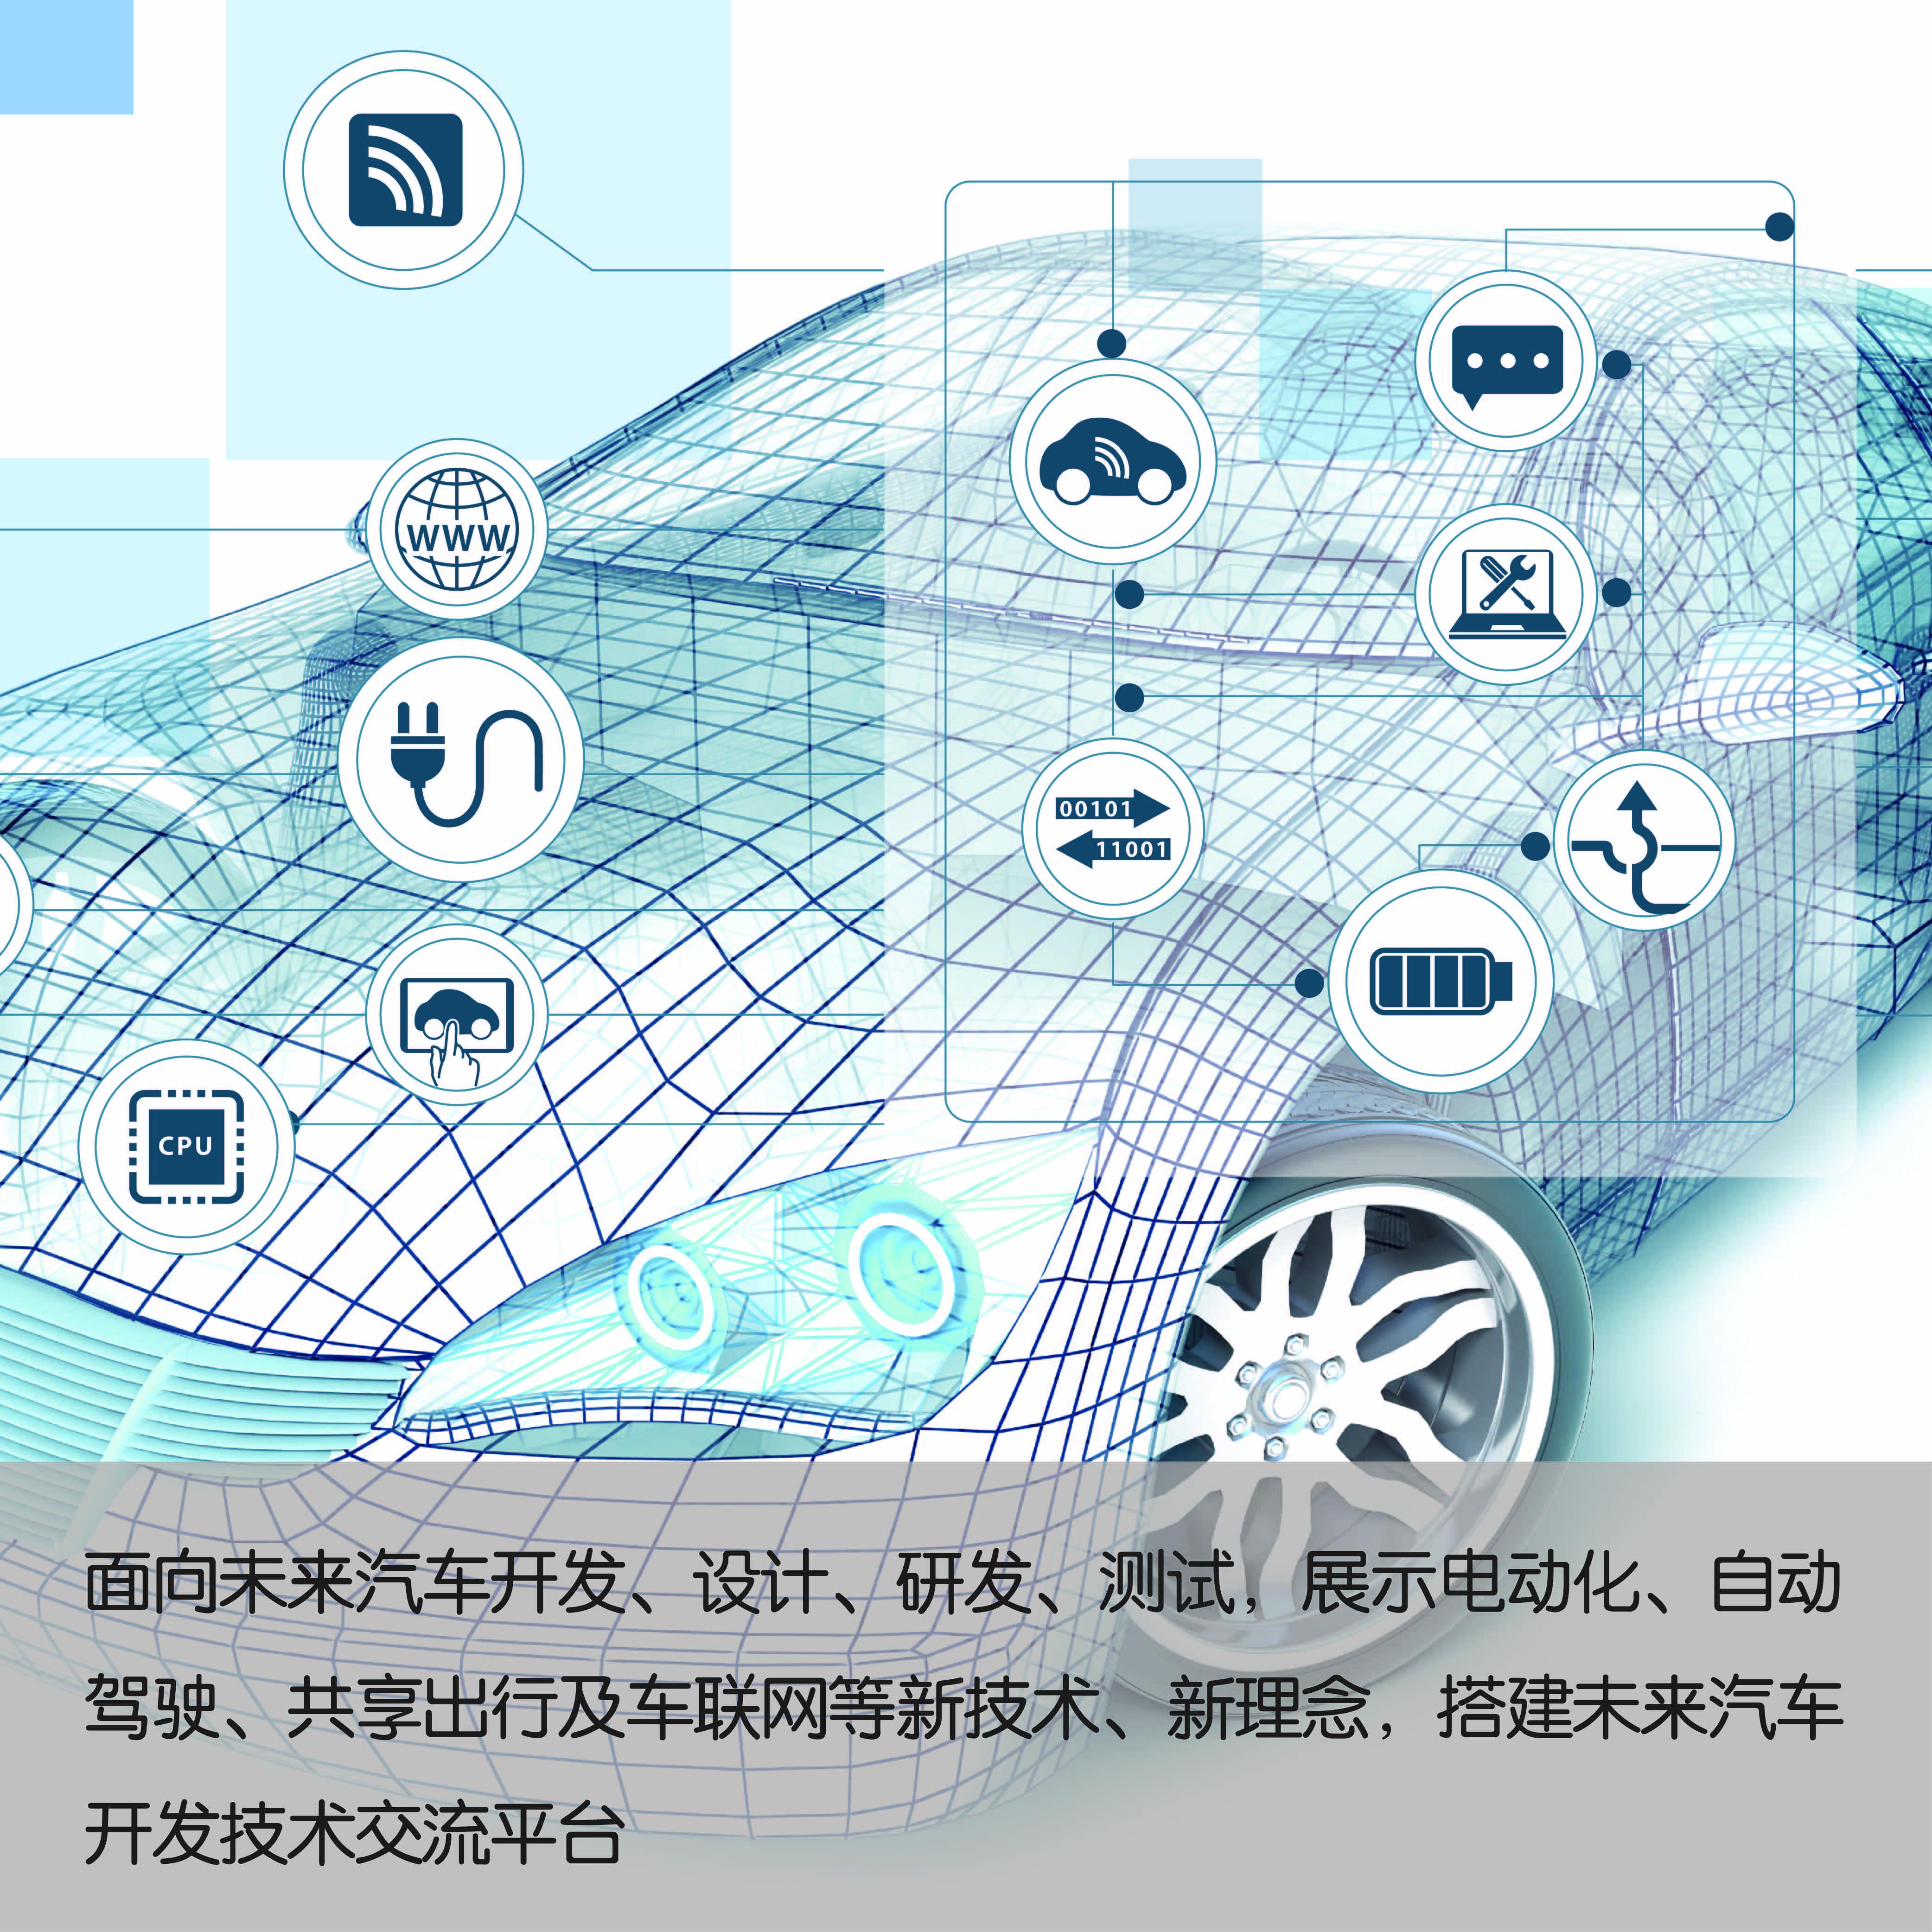 自动驾驶与智能网联技术展区